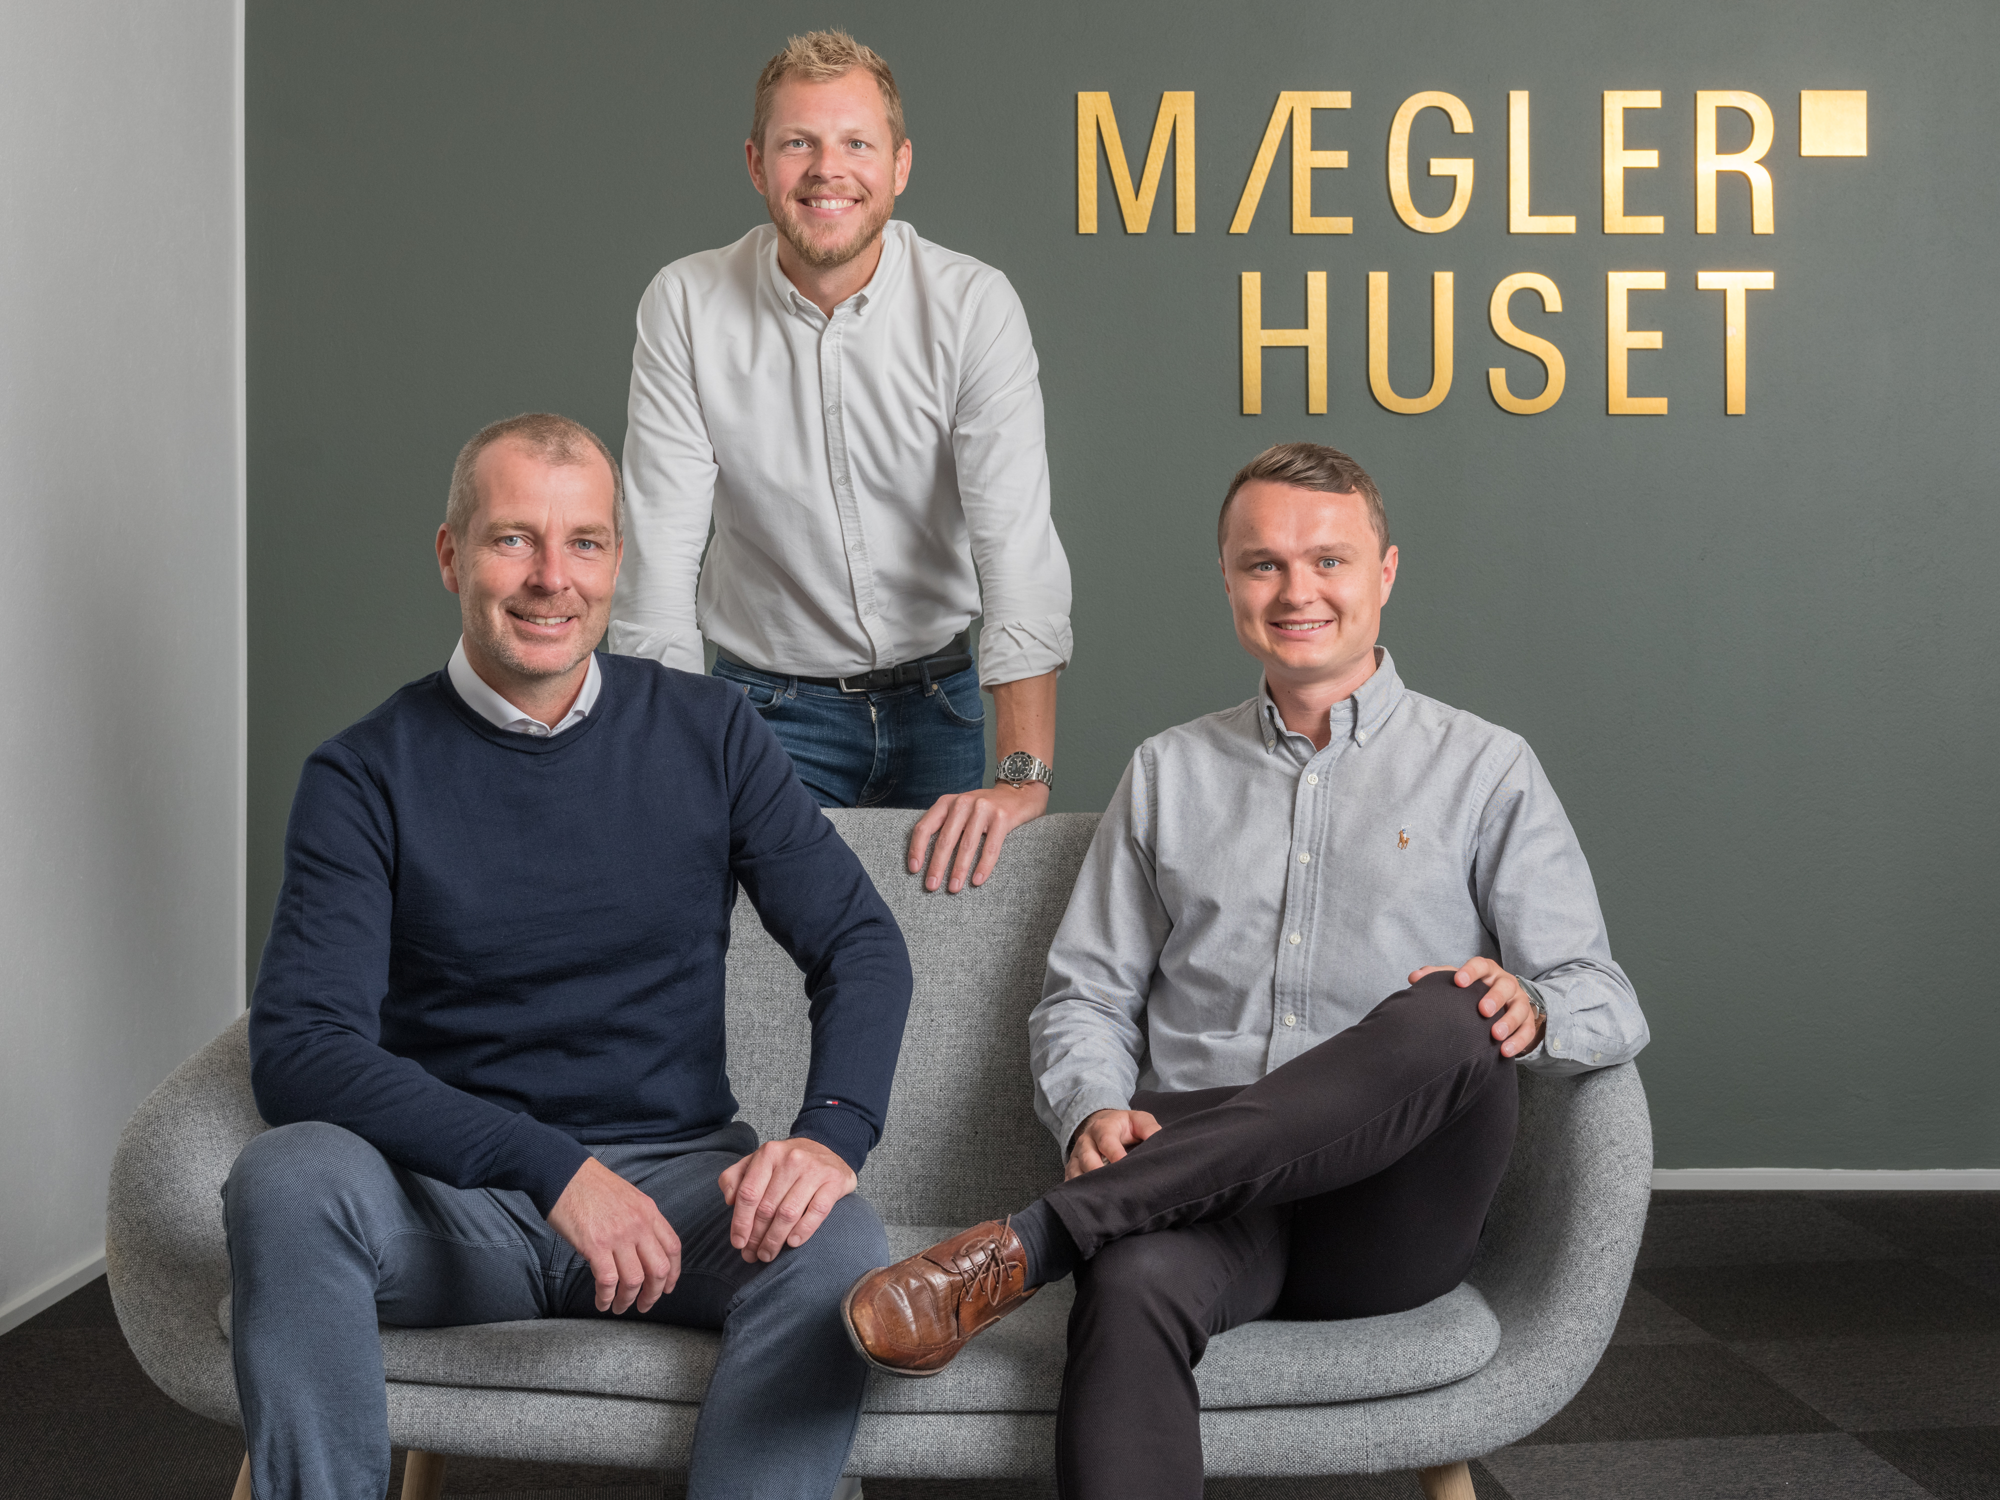 Fra venstre: Mads Sørensen, Thomas Skifter Andersen og Simon Rye